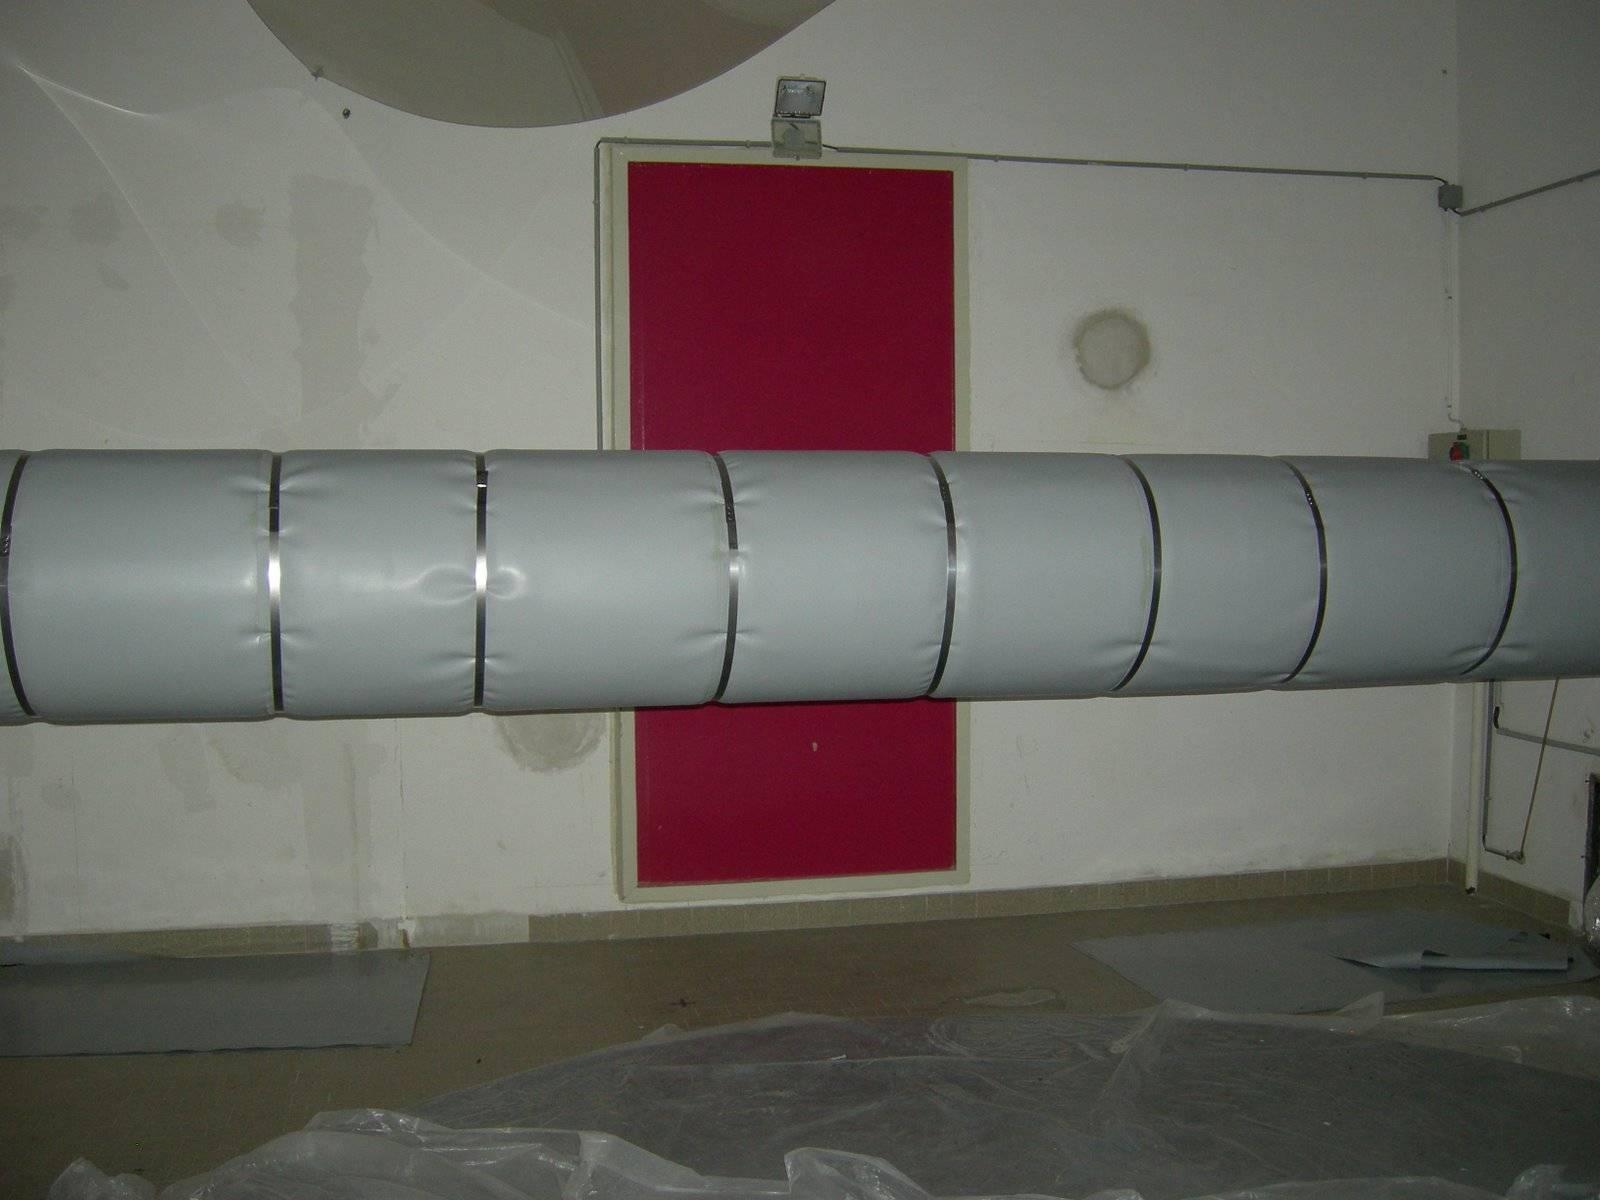 Теплоизоляция воздуховодов с самоклеющейся основой, расчет толщины материала, монтаж